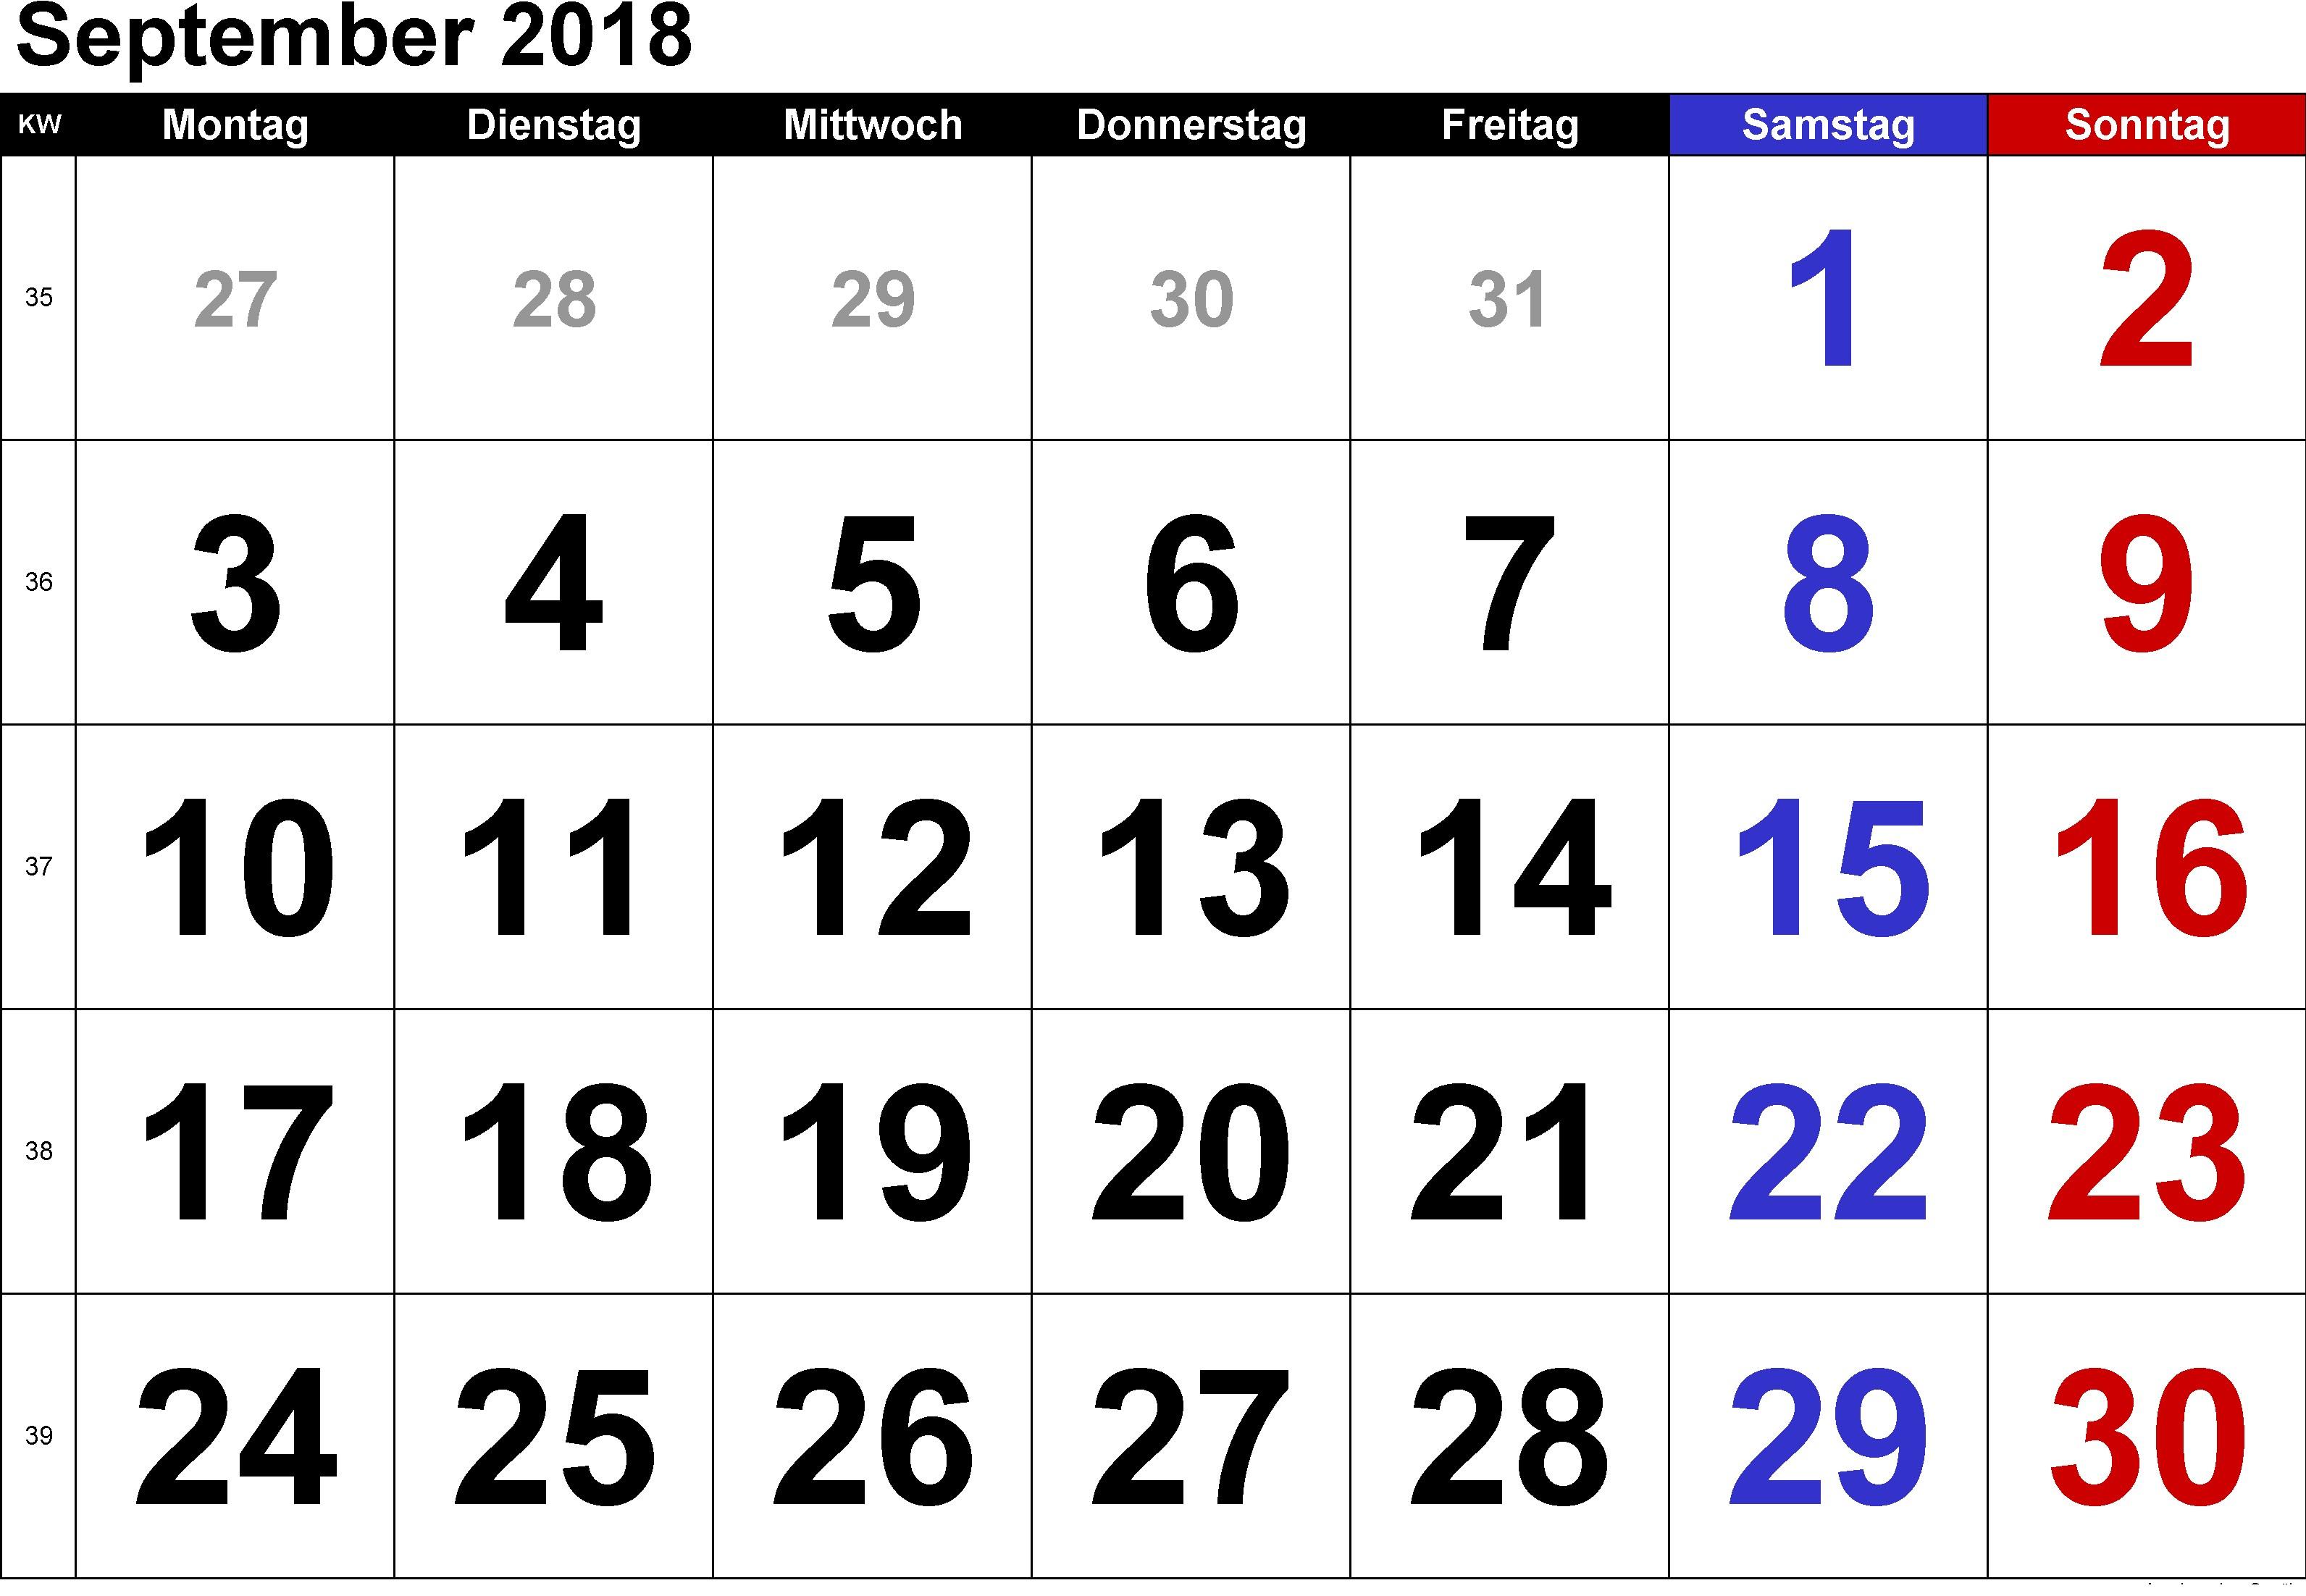 Kalender 2019 Excel Met Feestdagen Más Arriba-a-fecha Kalender Afbeelding Archidev Of Kalender 2019 Excel Met Feestdagen Más Recientemente Liberado Winter In Oslo norway